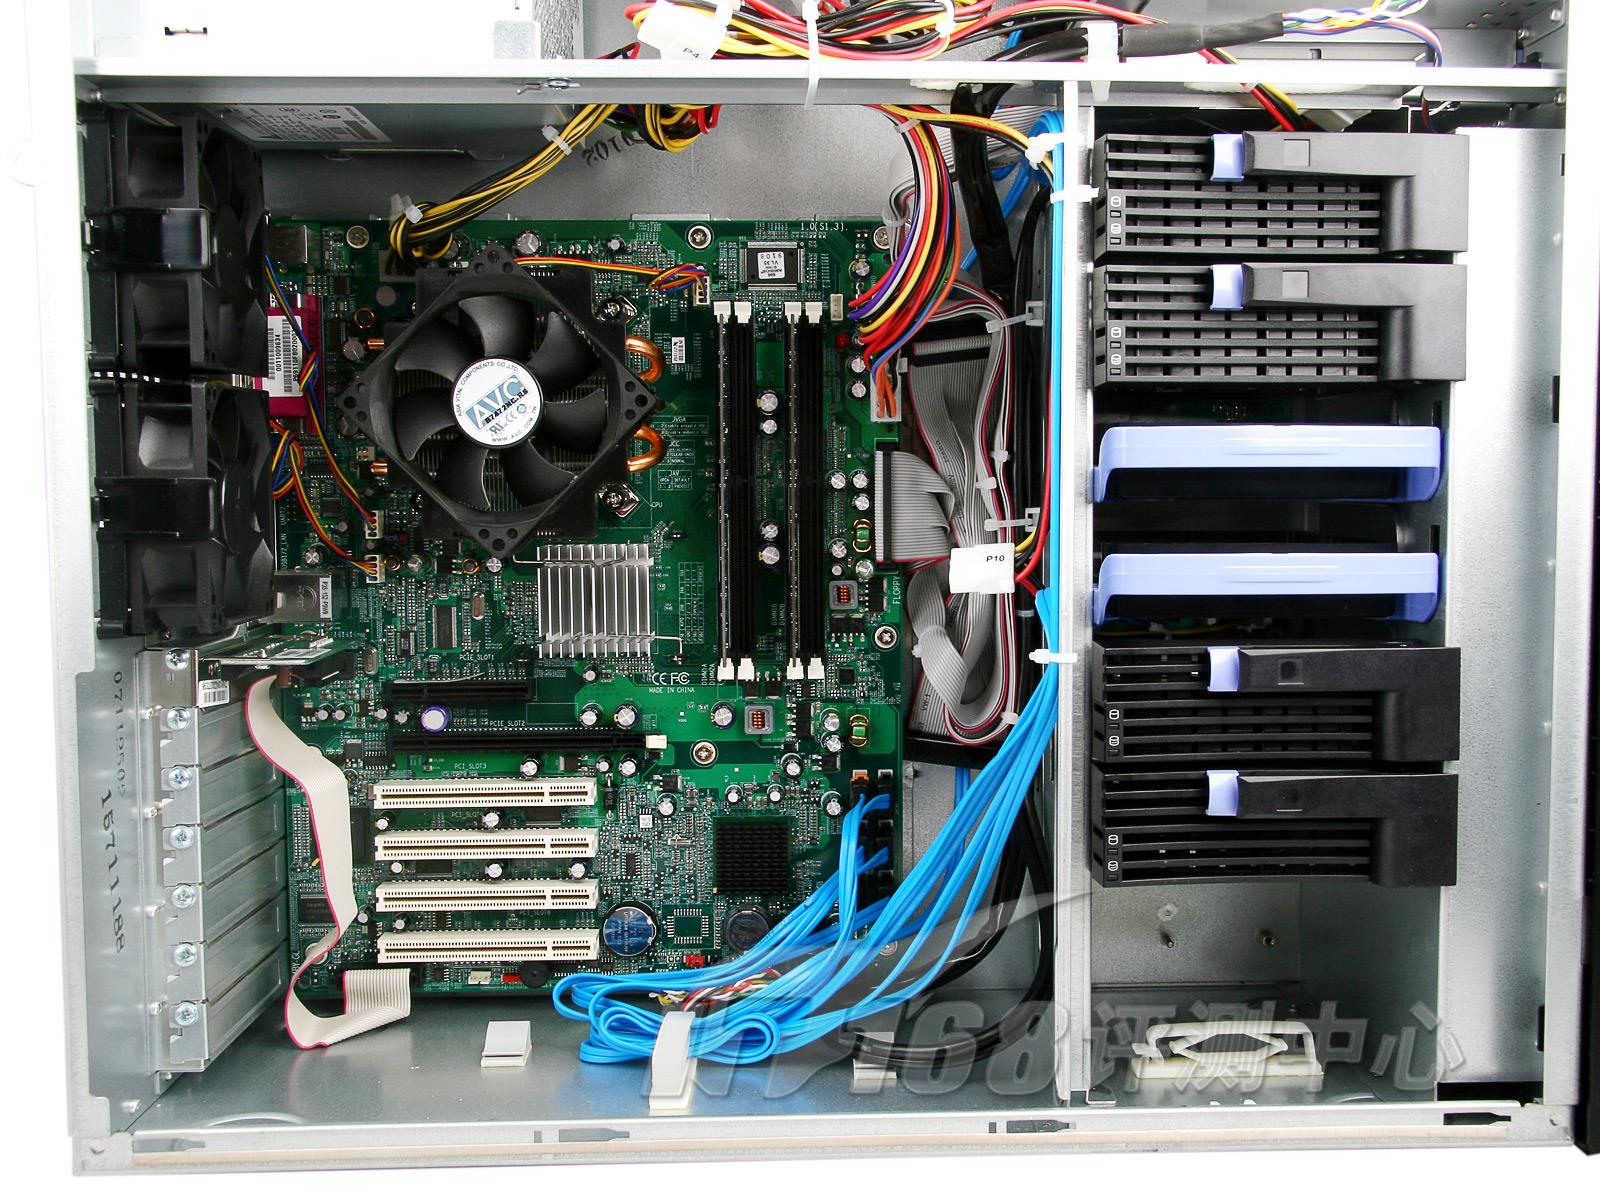 服务器内部一览  服务器散热设备   打开机箱,我们看到联想万全T468 G5内部的情况。作为塔式服务器来说,它的内部空间相对要大一些,散热性能相对也更好一些。这里我们看到,服务器使用了两个散热风扇,满足正常的散热需求已经是绰绰有余了。   看到这三个散热器,或许有些朋友对其噪音的控制产生了怀疑,其实联想在这里使用了一种叫做智能调速控温降噪冗余散热系统(NKR V2.